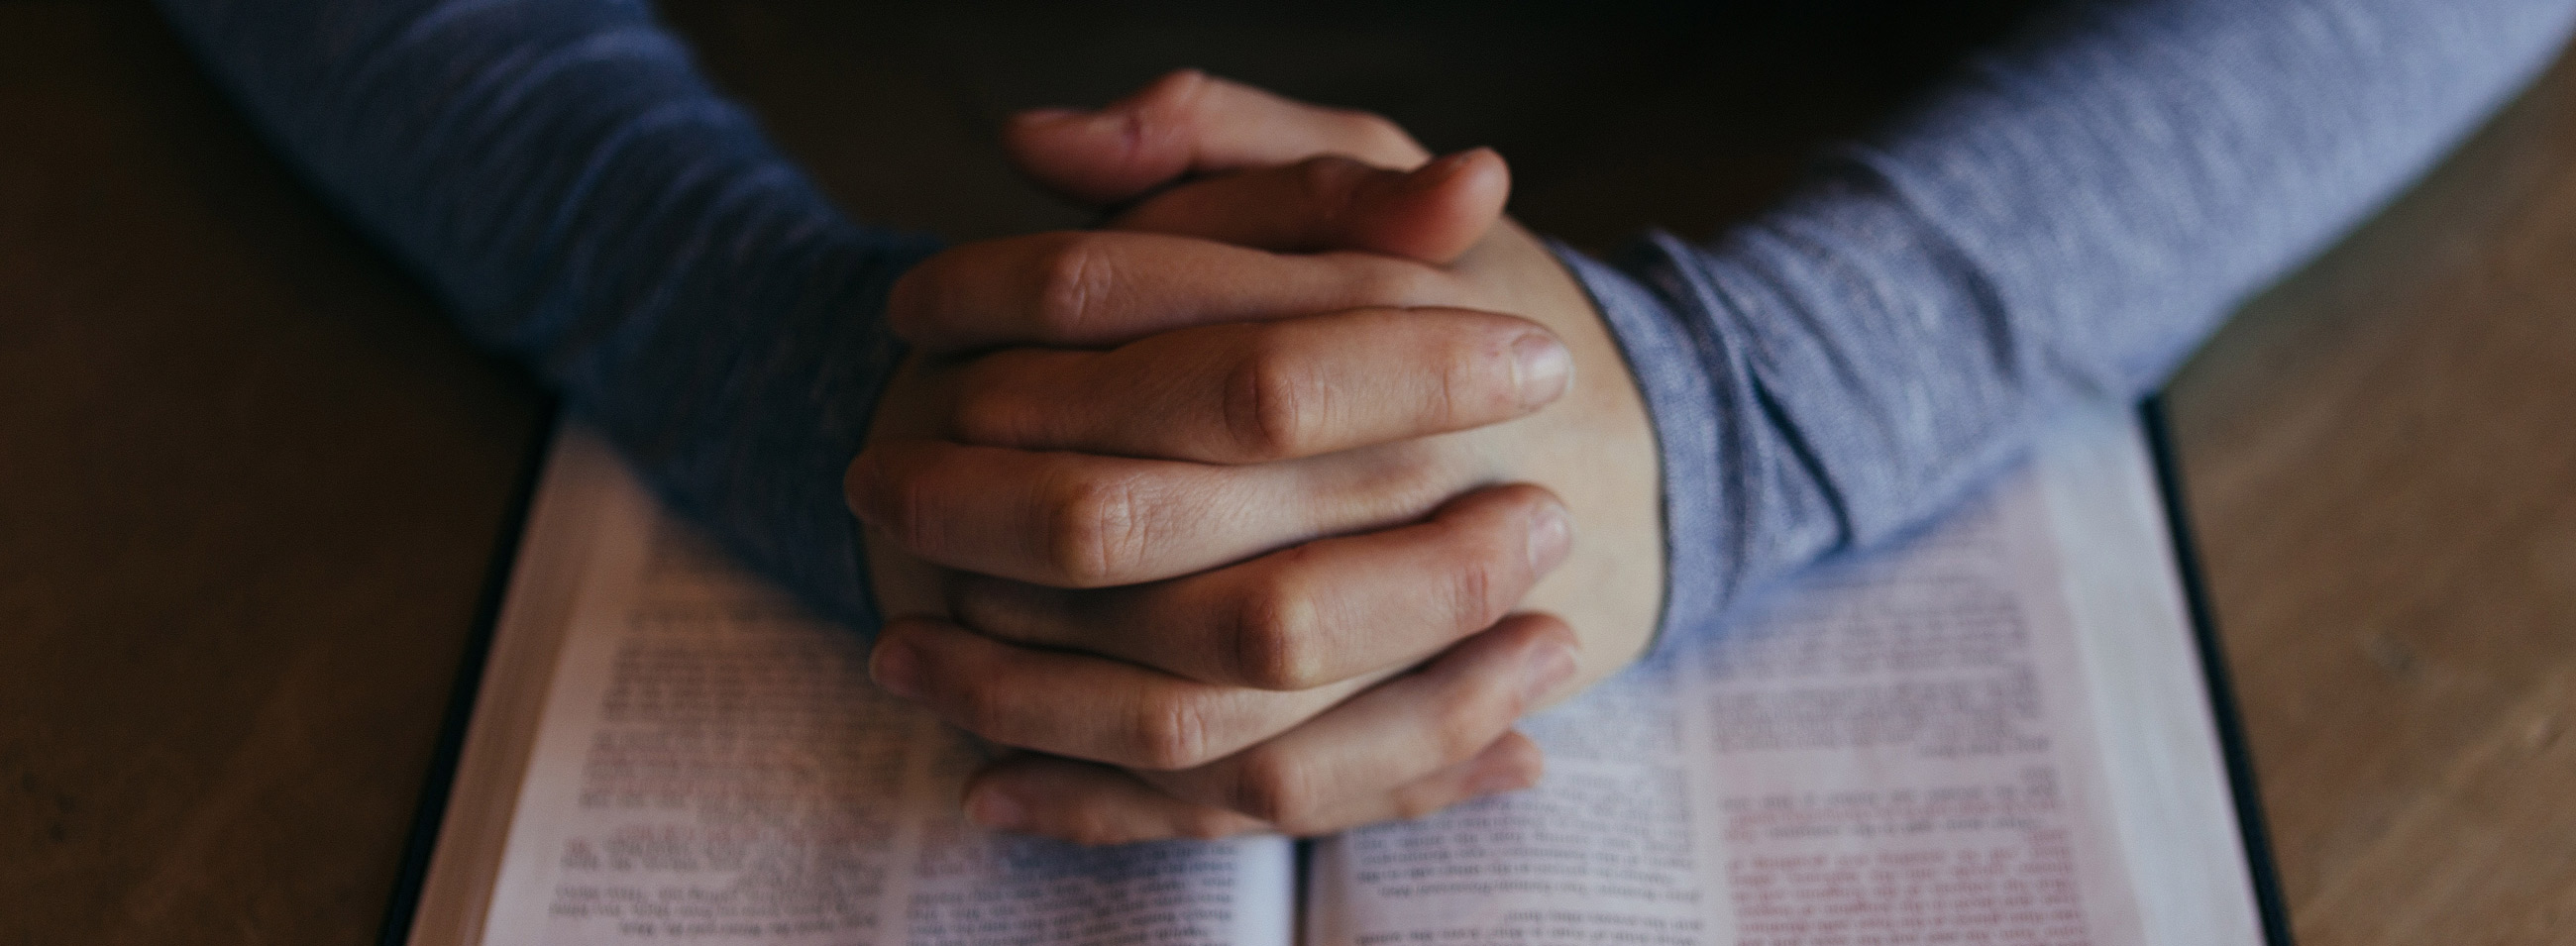 La Oración Eficaz del Justo Puede Mucho